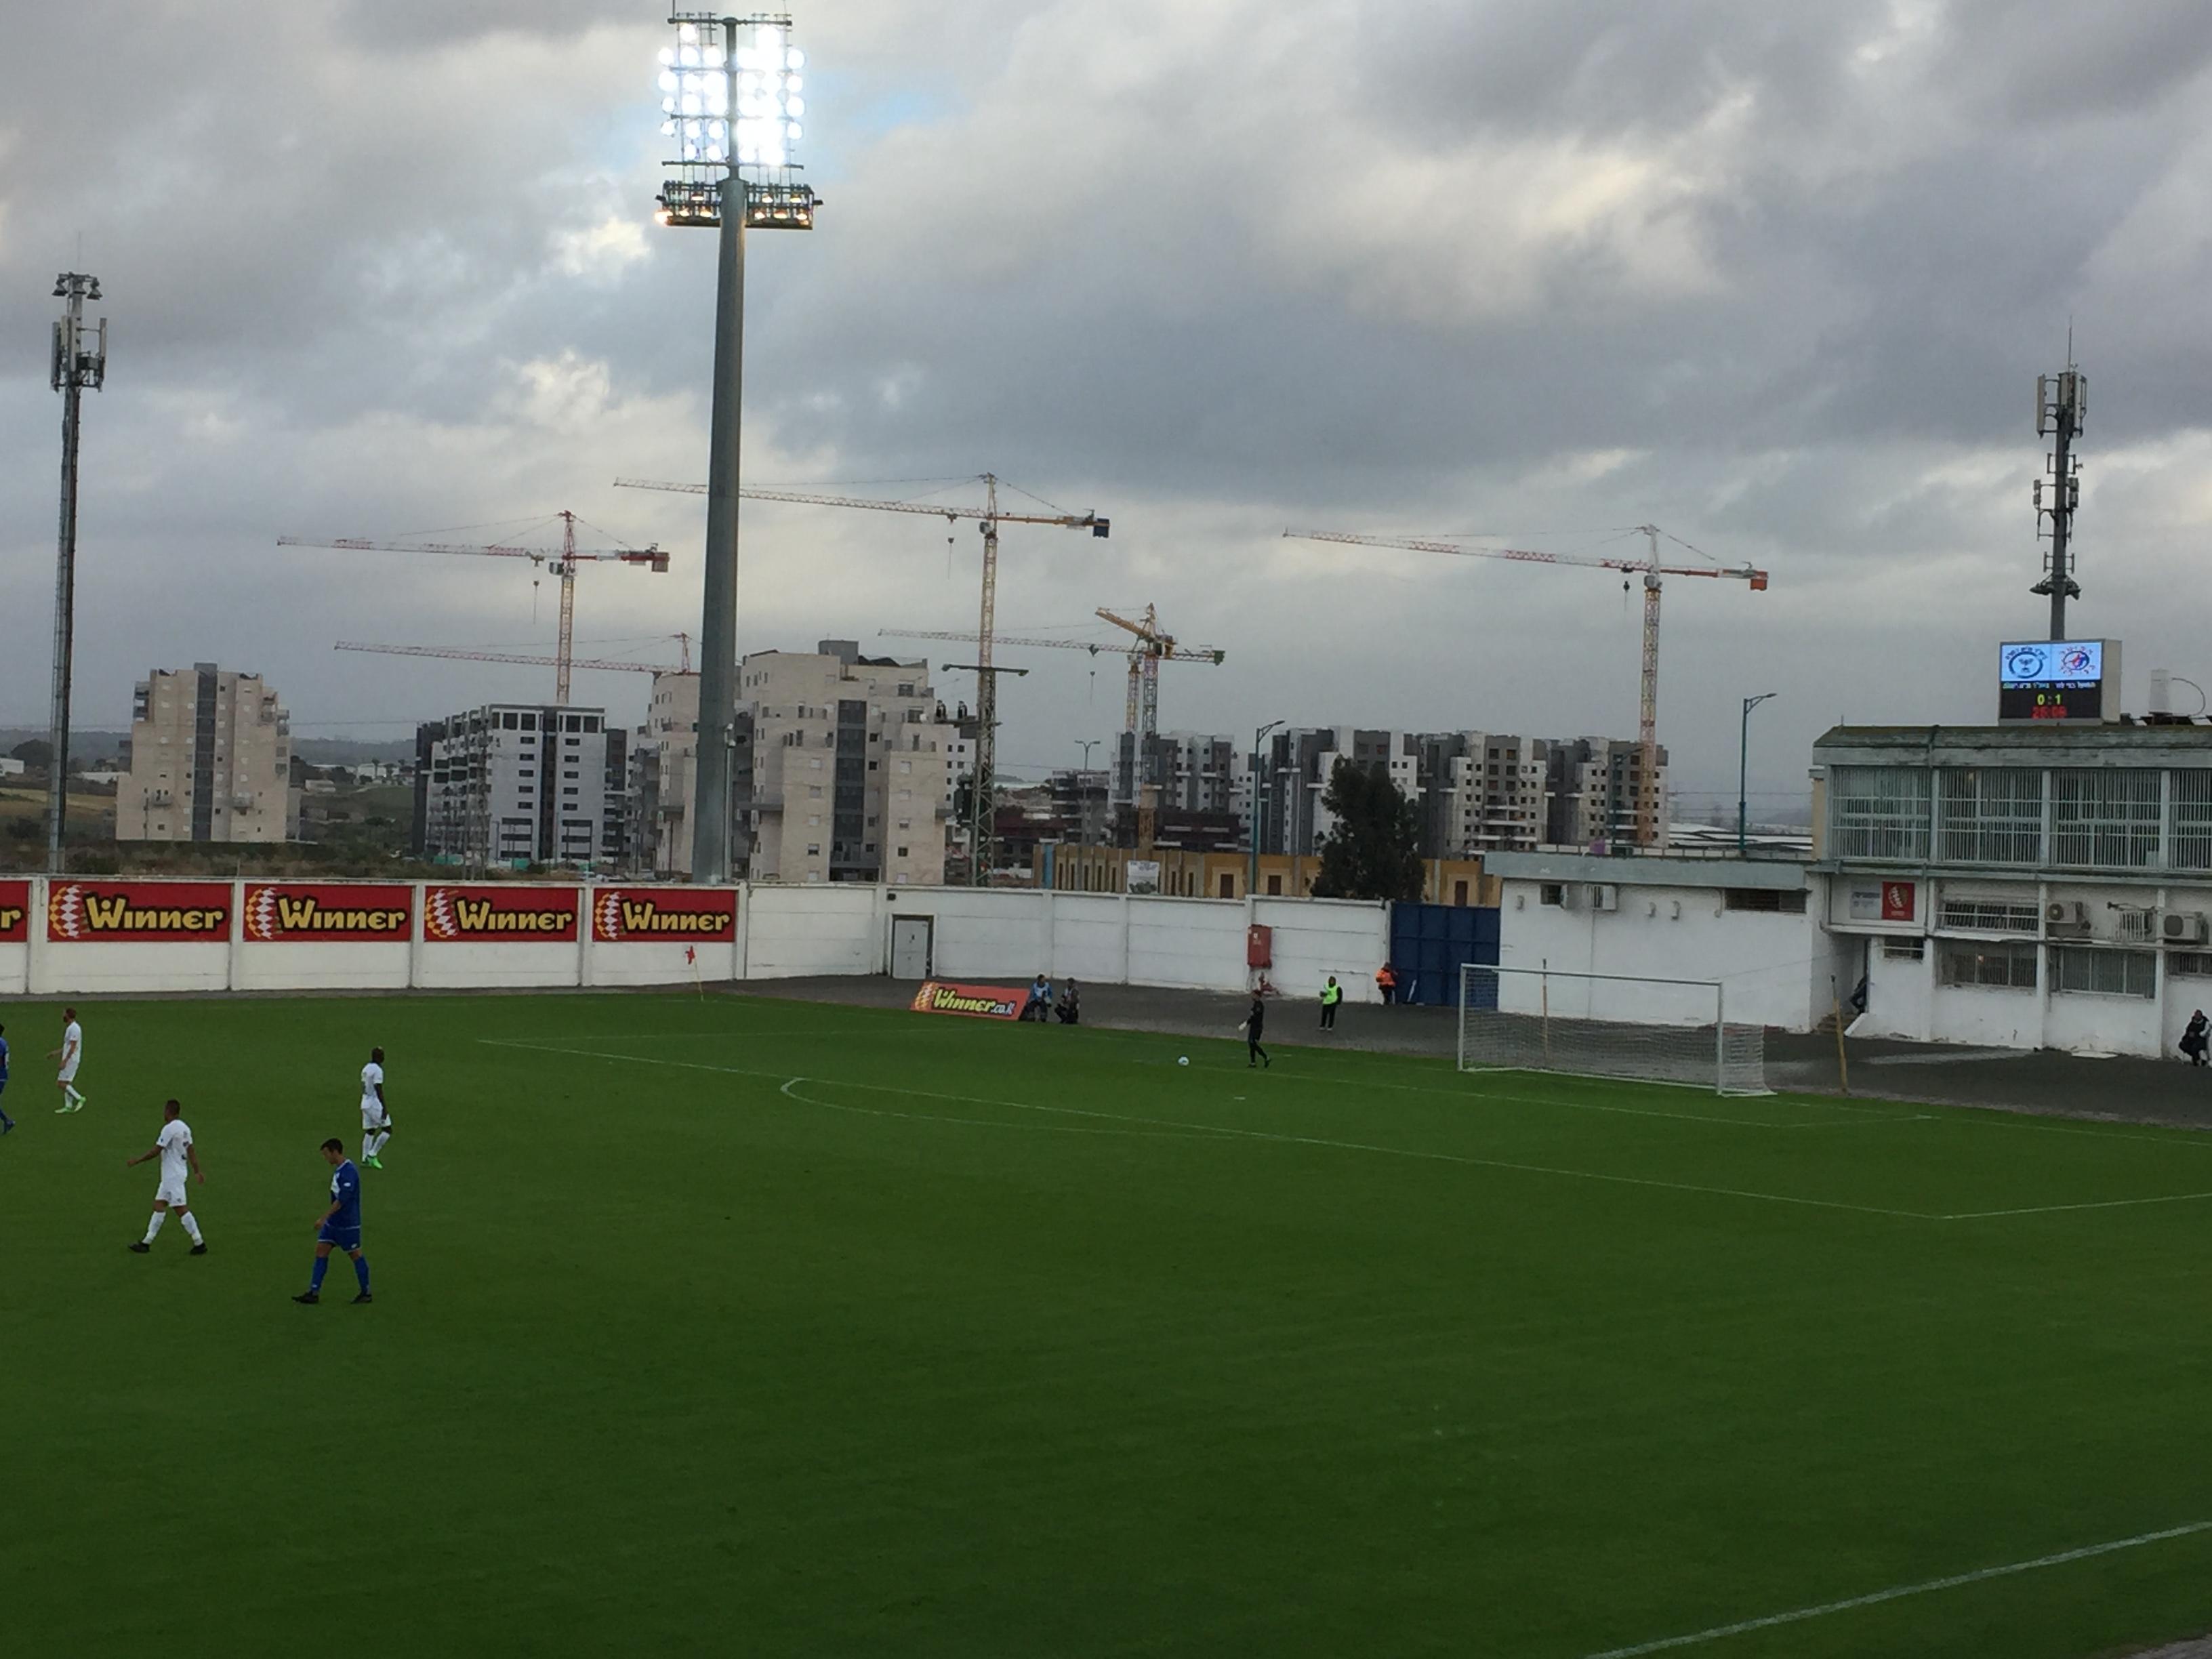 اللد: هبوعيل ابناء اللد يفوز على بيتار الرملة بنتيجة 3 - 0